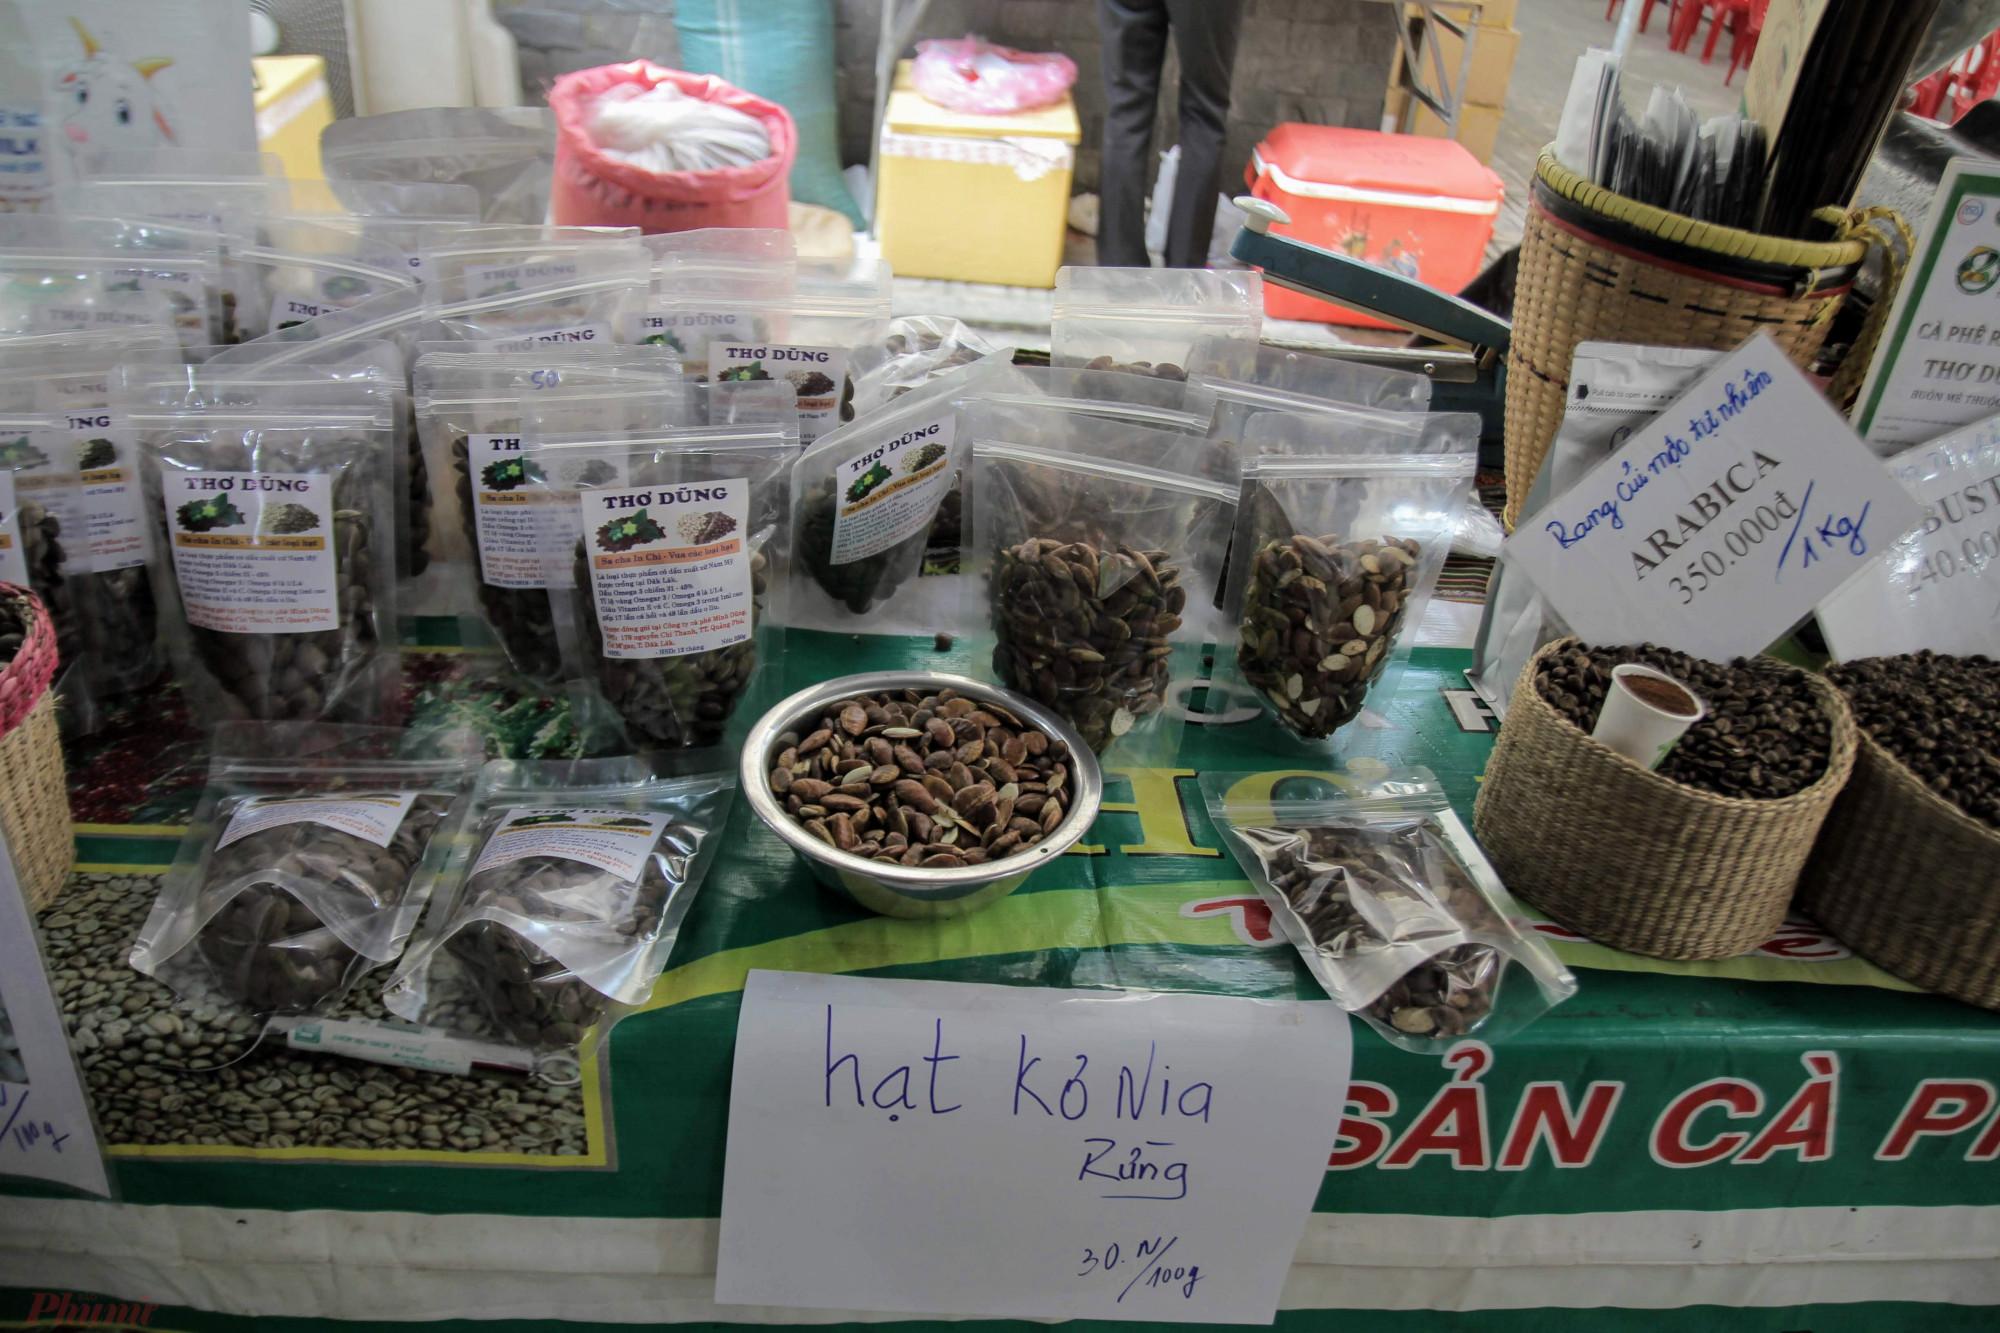 Khá lạ miệng với hạt Kơnia một loại cây đặc trưng của vùng đất Tây Nguyên đã đi vào thơ ca với mức giá 30